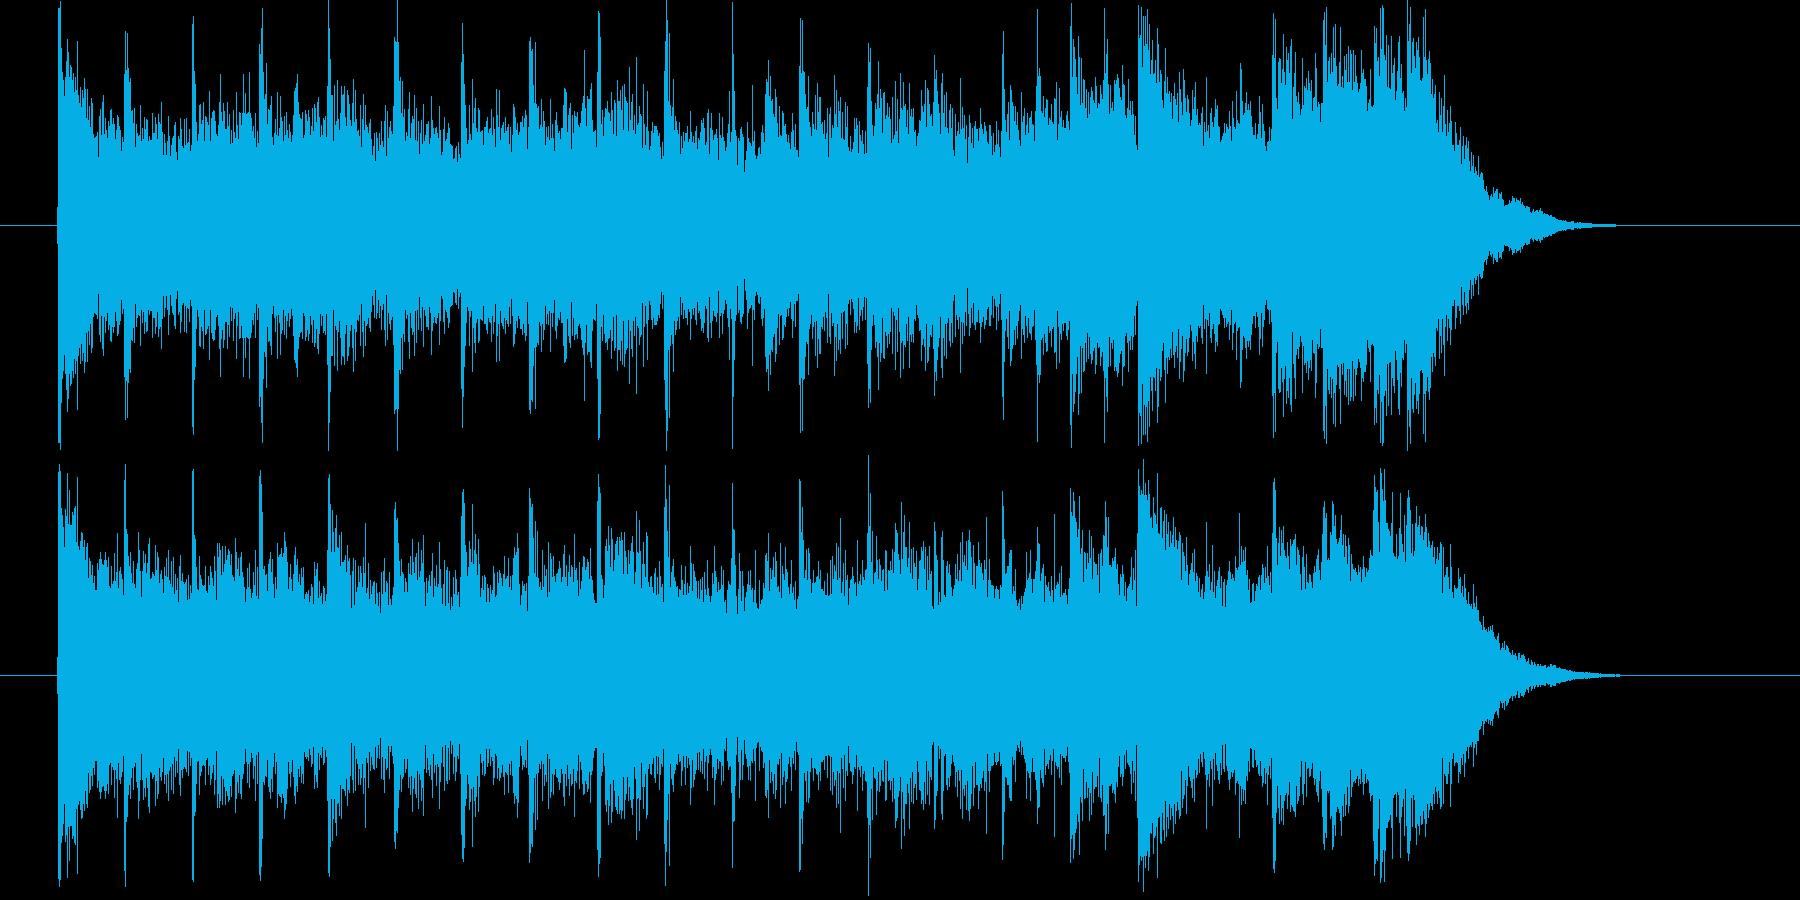 ドラマチックで明るいシンセミュージックの再生済みの波形